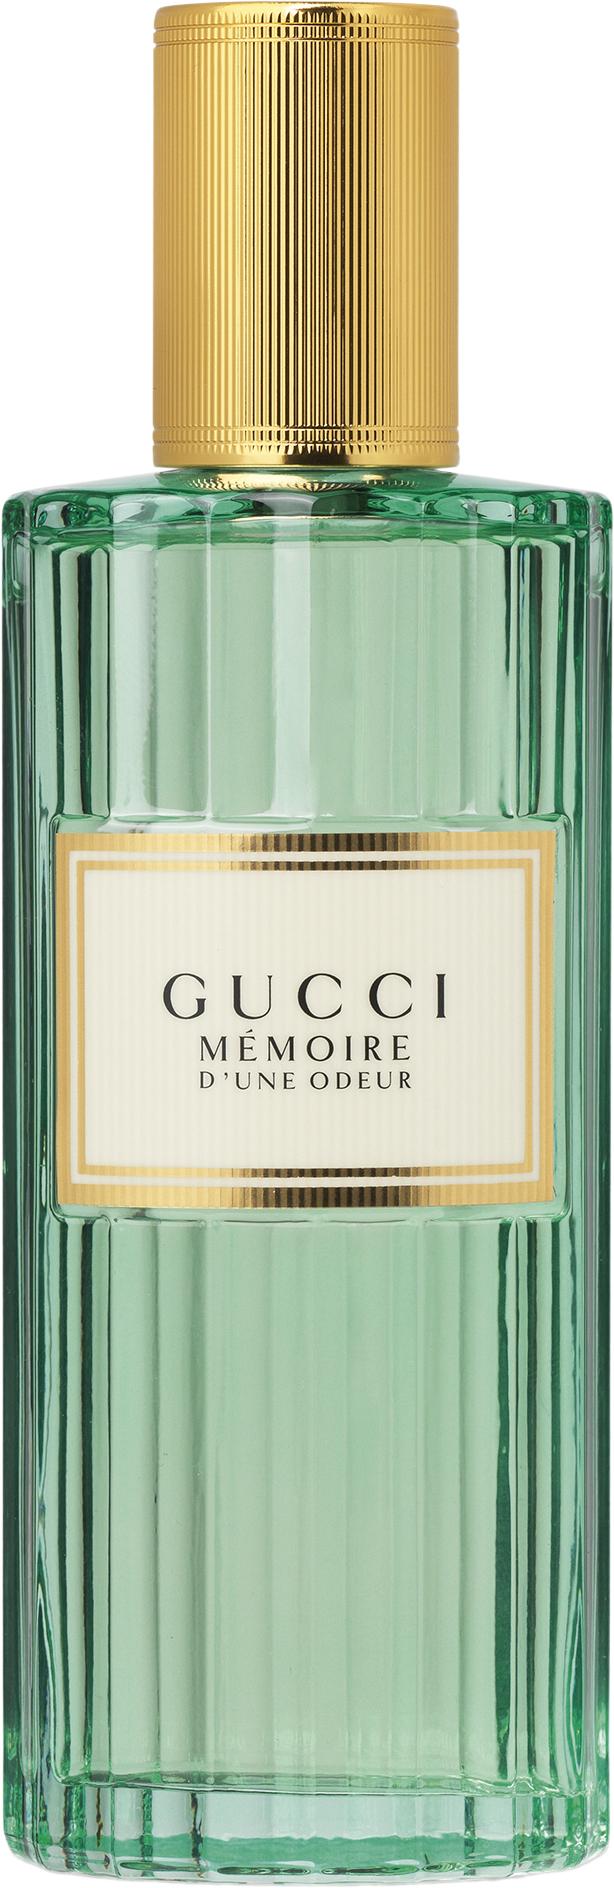 Gucci - Memoire D'une Odeur EDP 100 ml